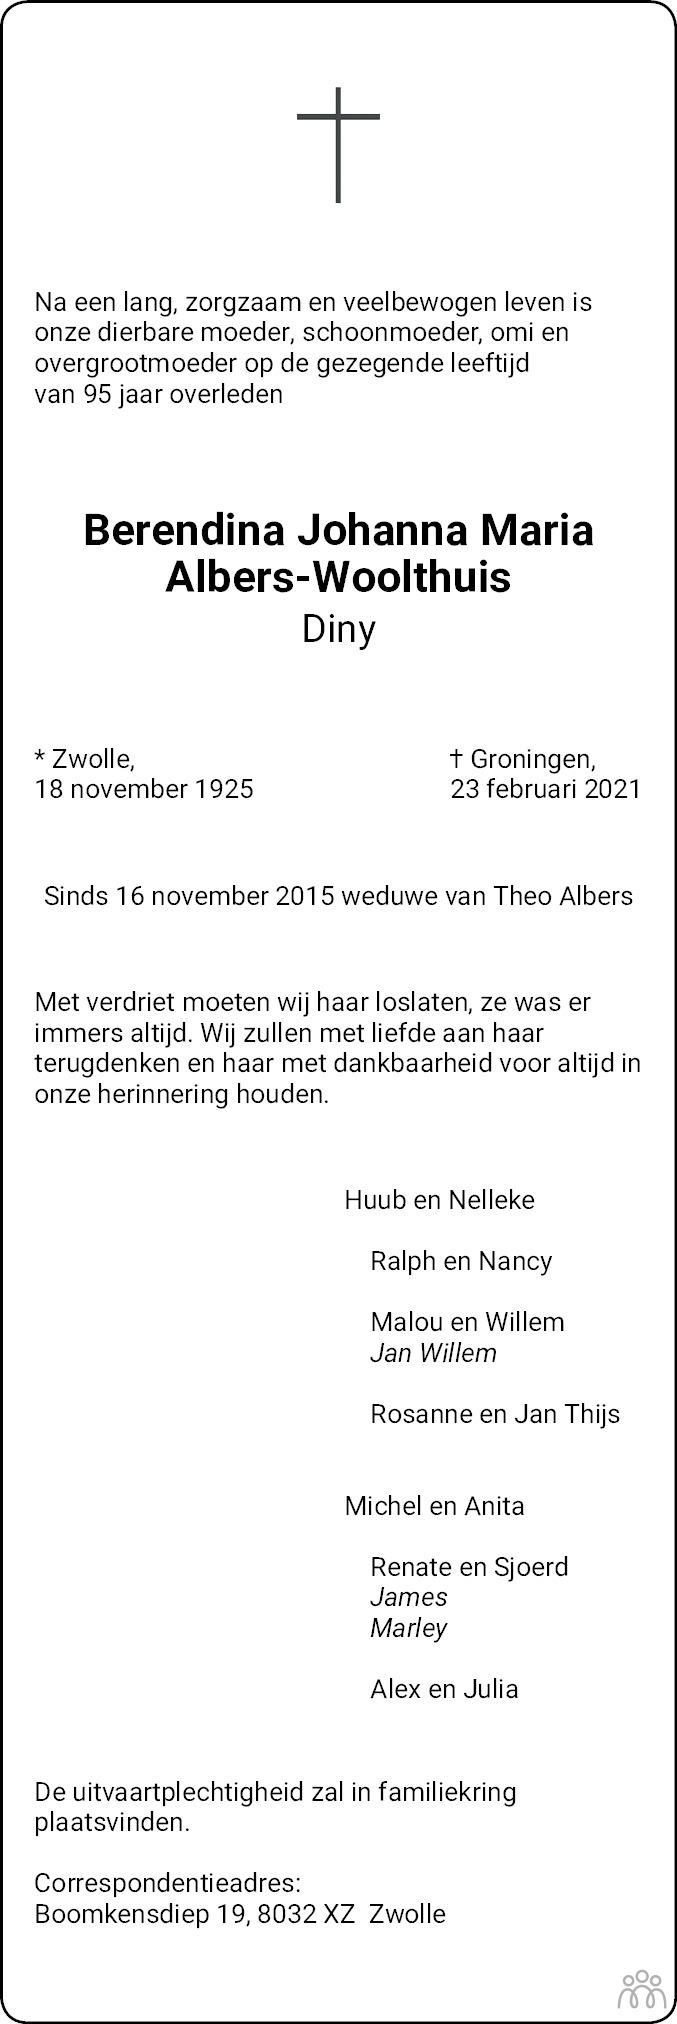 Overlijdensbericht van Berendina Johanna Maria (Diny) Albers-Woolthuis in Dagblad van het Noorden